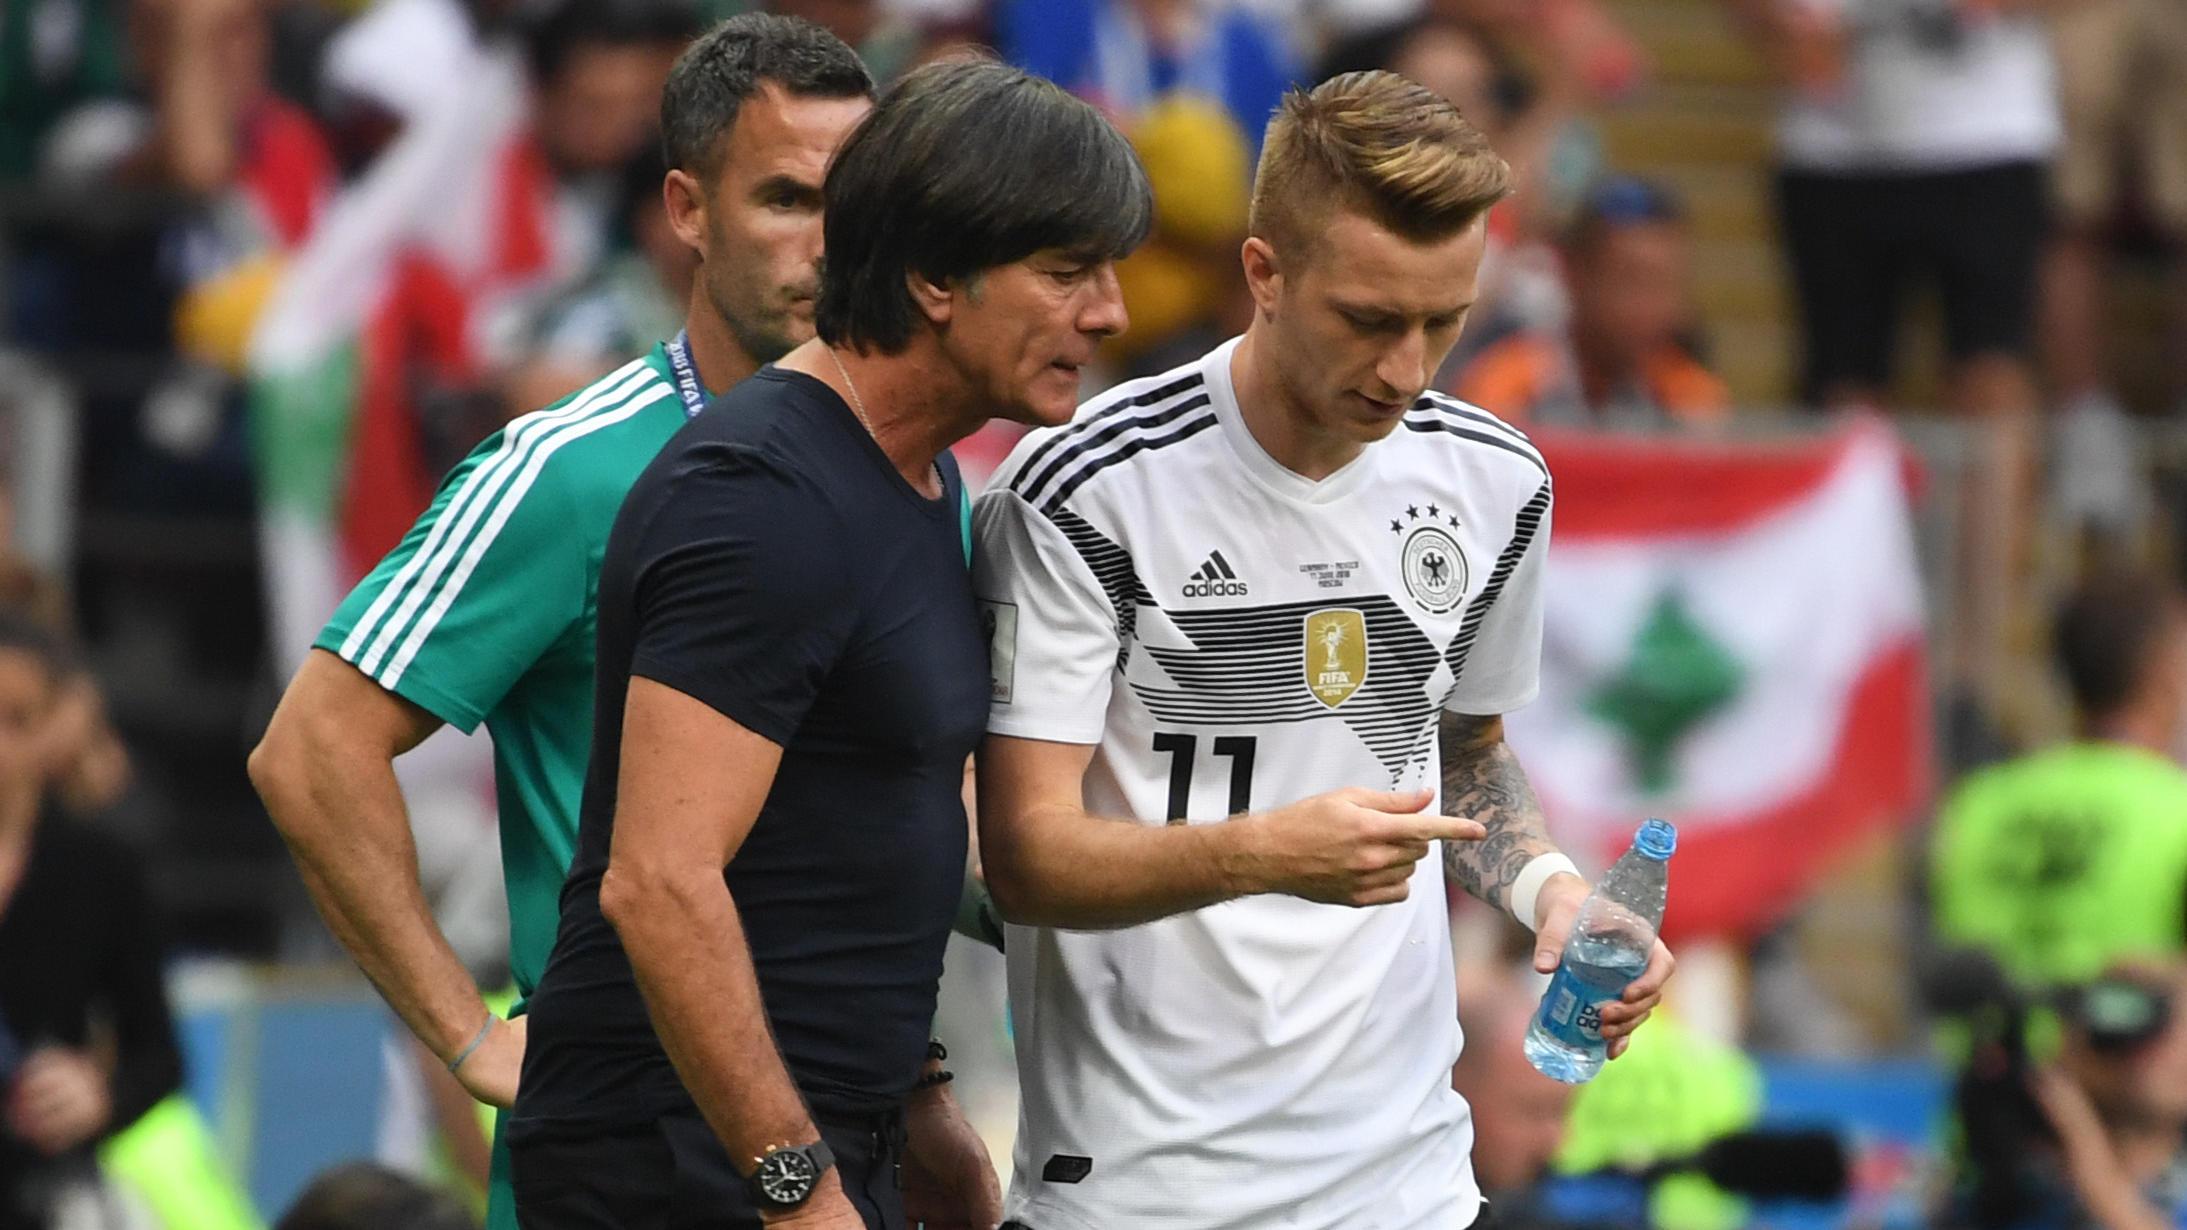 Taktik Debakel Zum Auftakt Deutschland Kassiert Historische Niederlage Gegen Mexiko